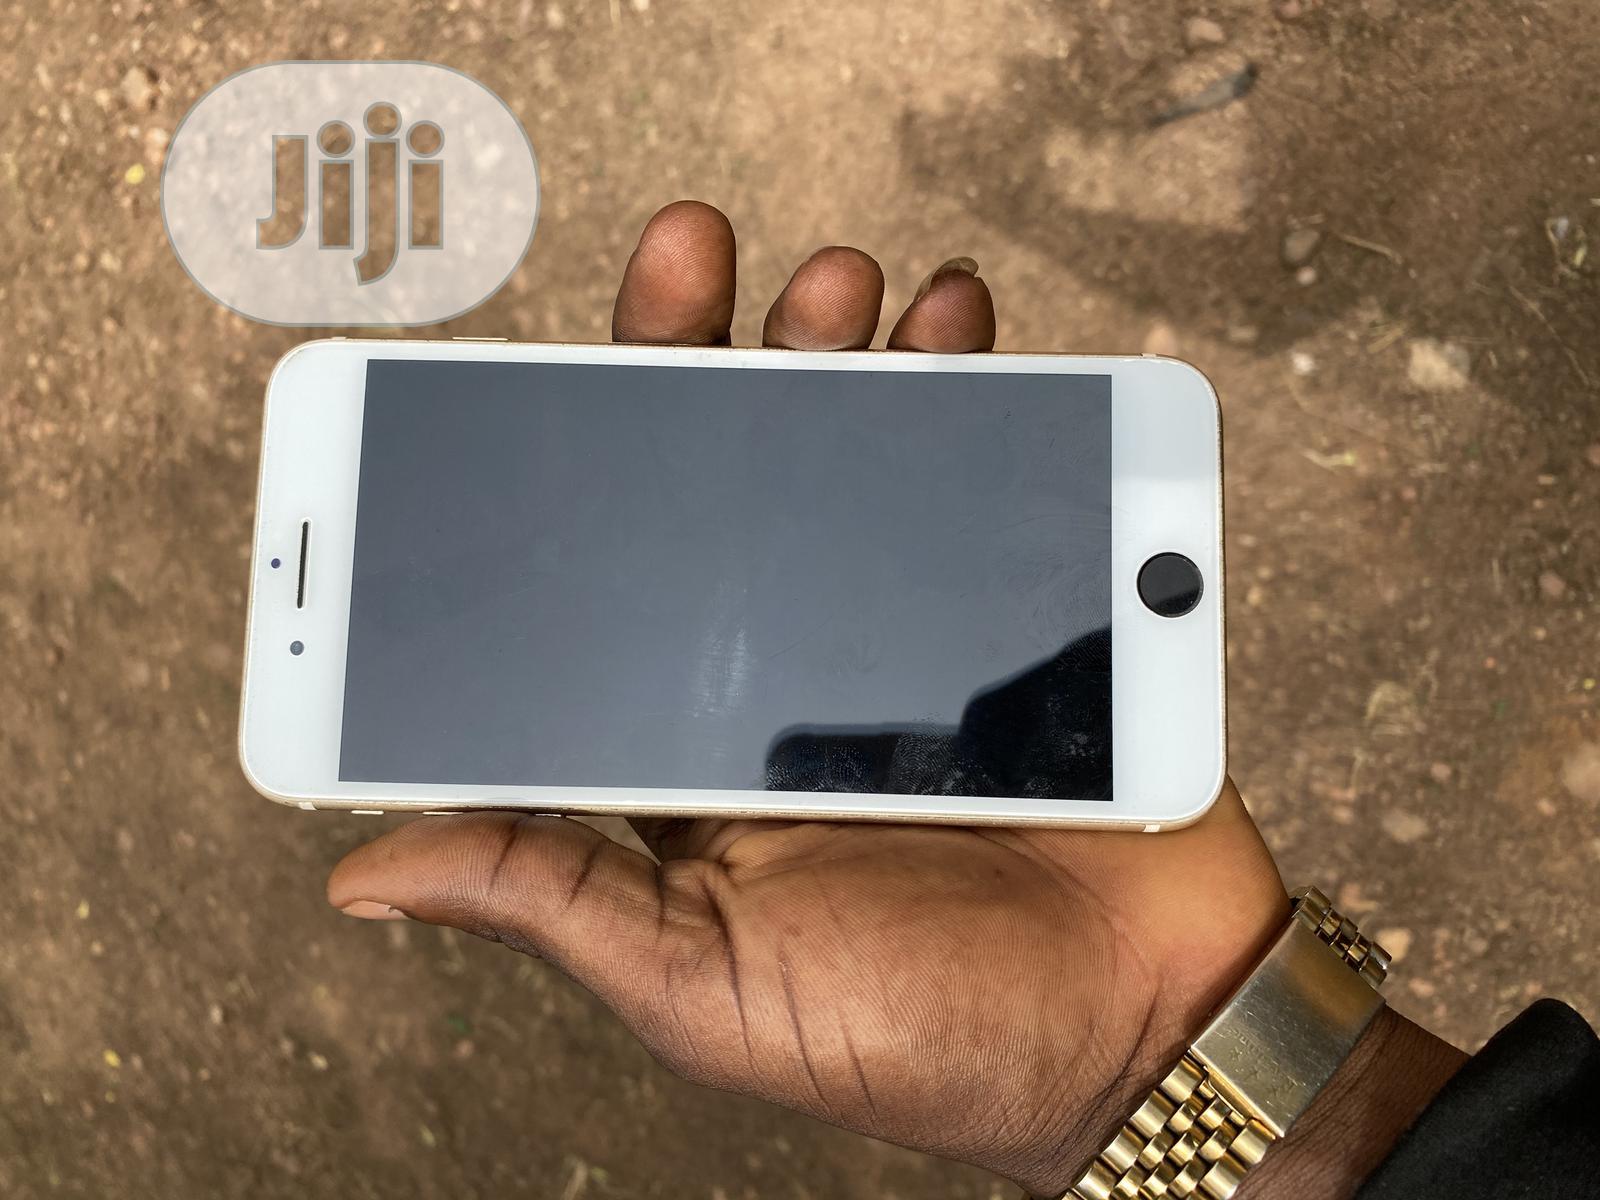 Apple iPhone 7 Plus 256 GB Gold | Mobile Phones for sale in Ikotun/Igando, Lagos State, Nigeria